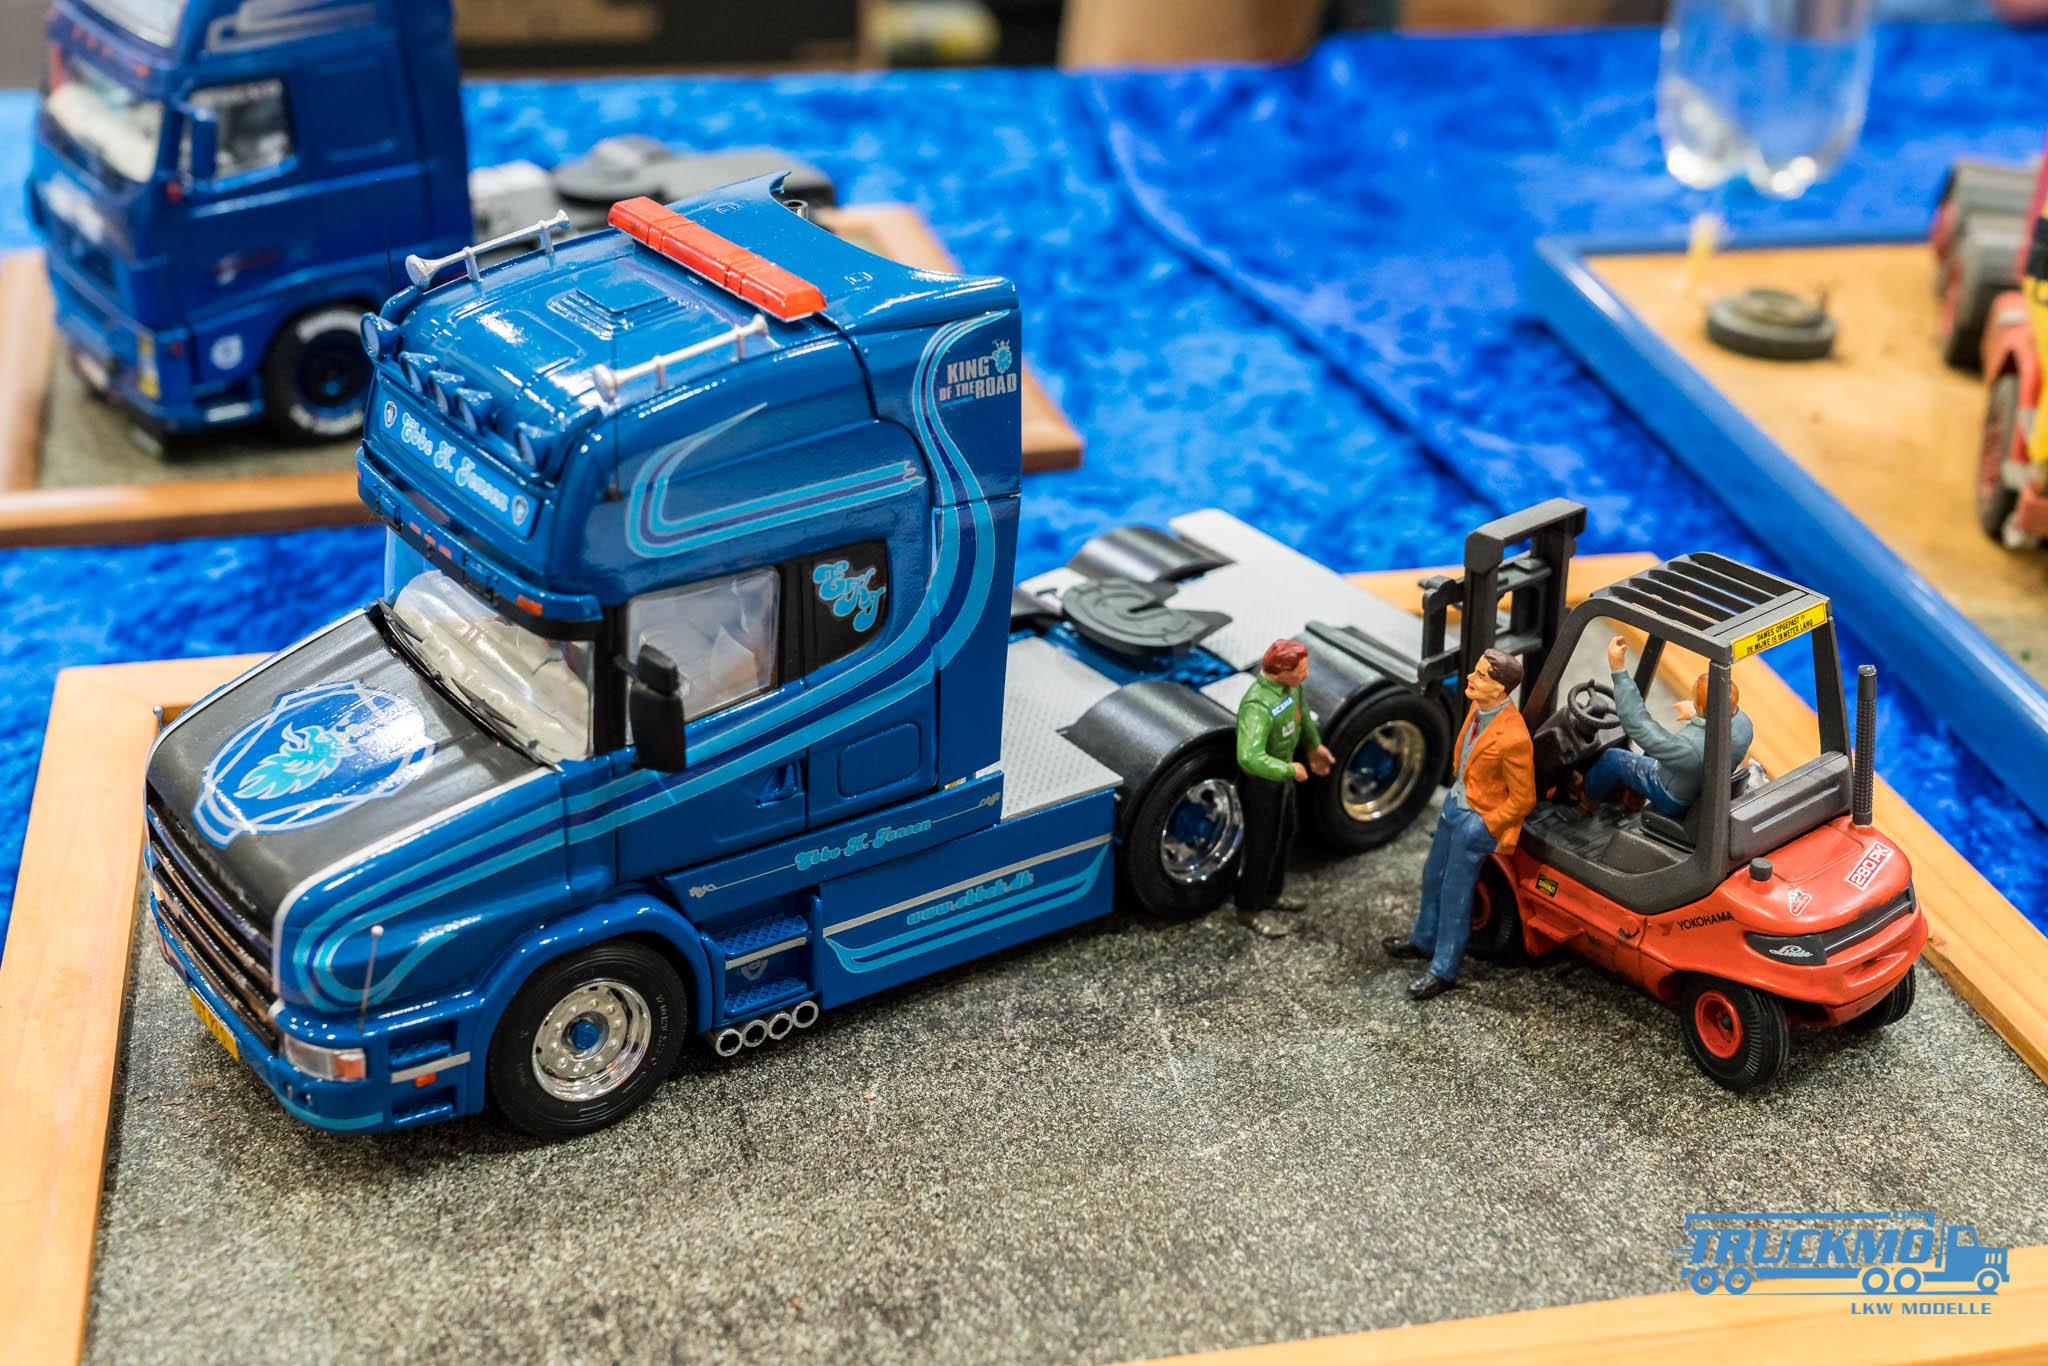 Truckmo_Modellbau_Ried_2017_Herpa_Messe_Modellbauausstellung (323 von 1177)